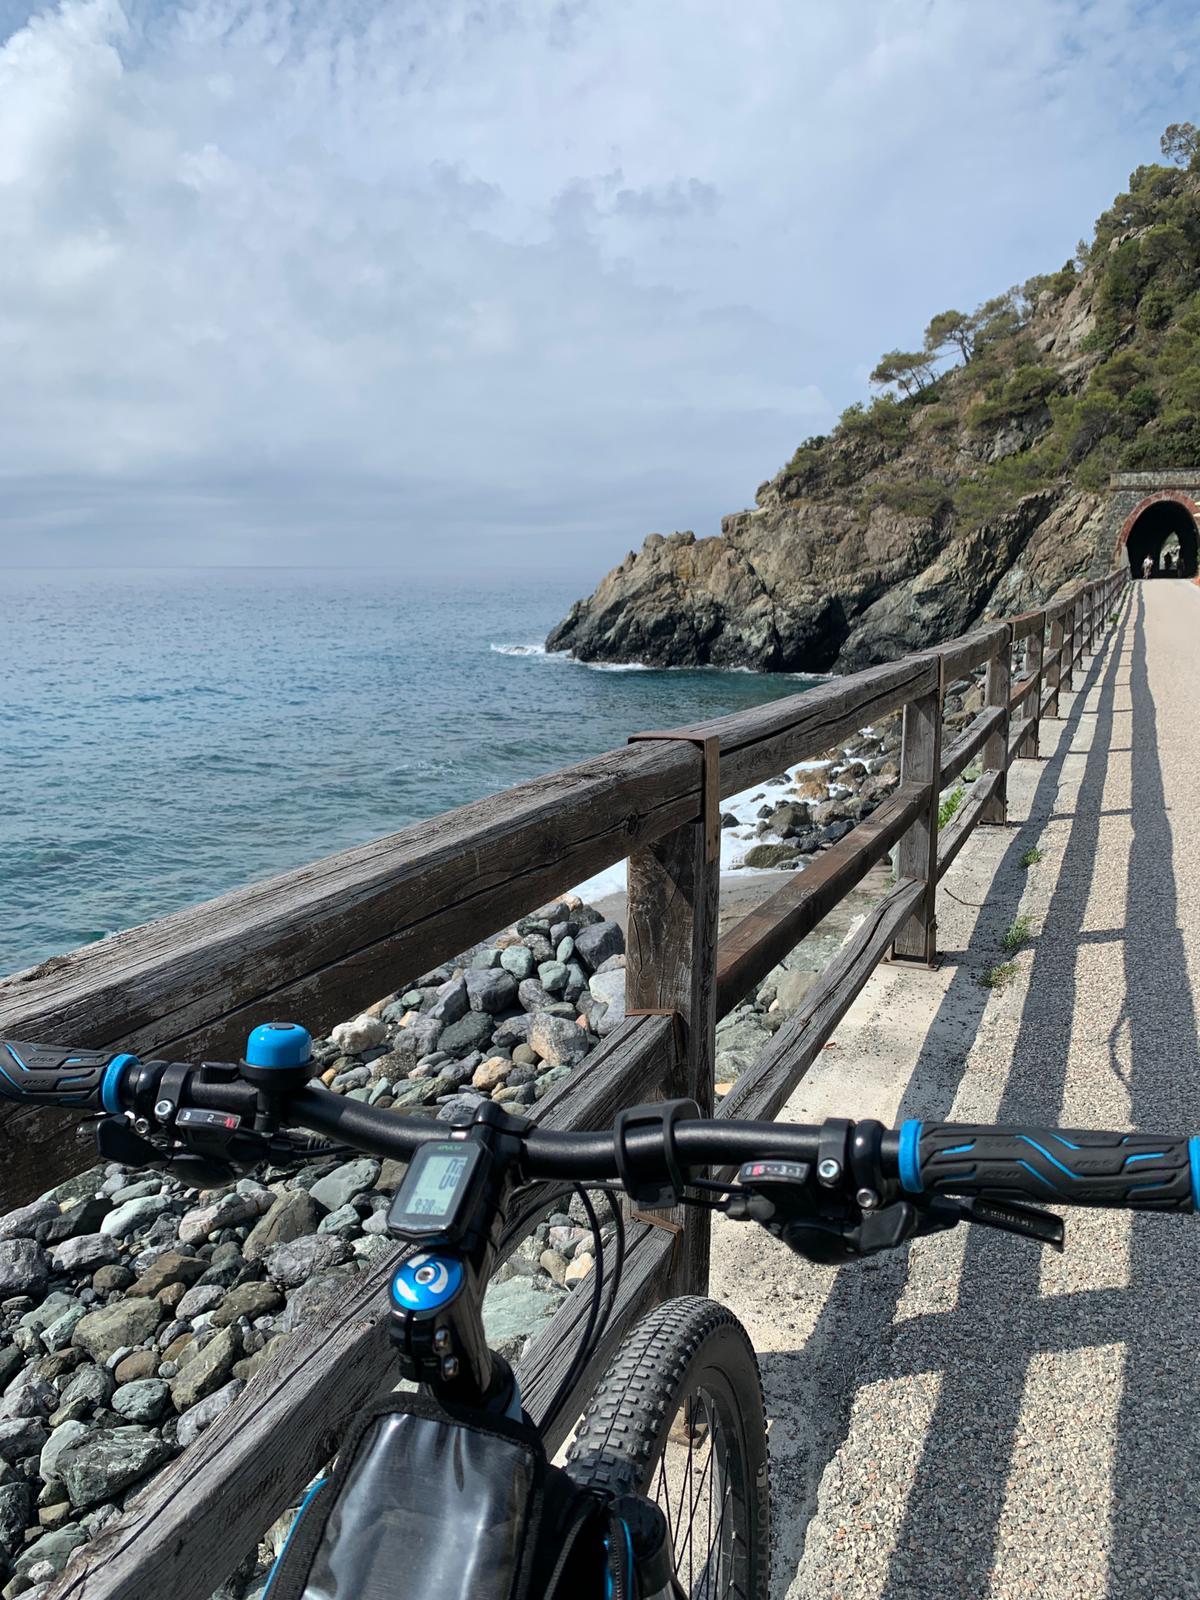 Tipico tratto di ciclabile tra Arenzano e Savona. L'ex ferrovia corre spesso lungo la costa, rivelandone le meraviglie.